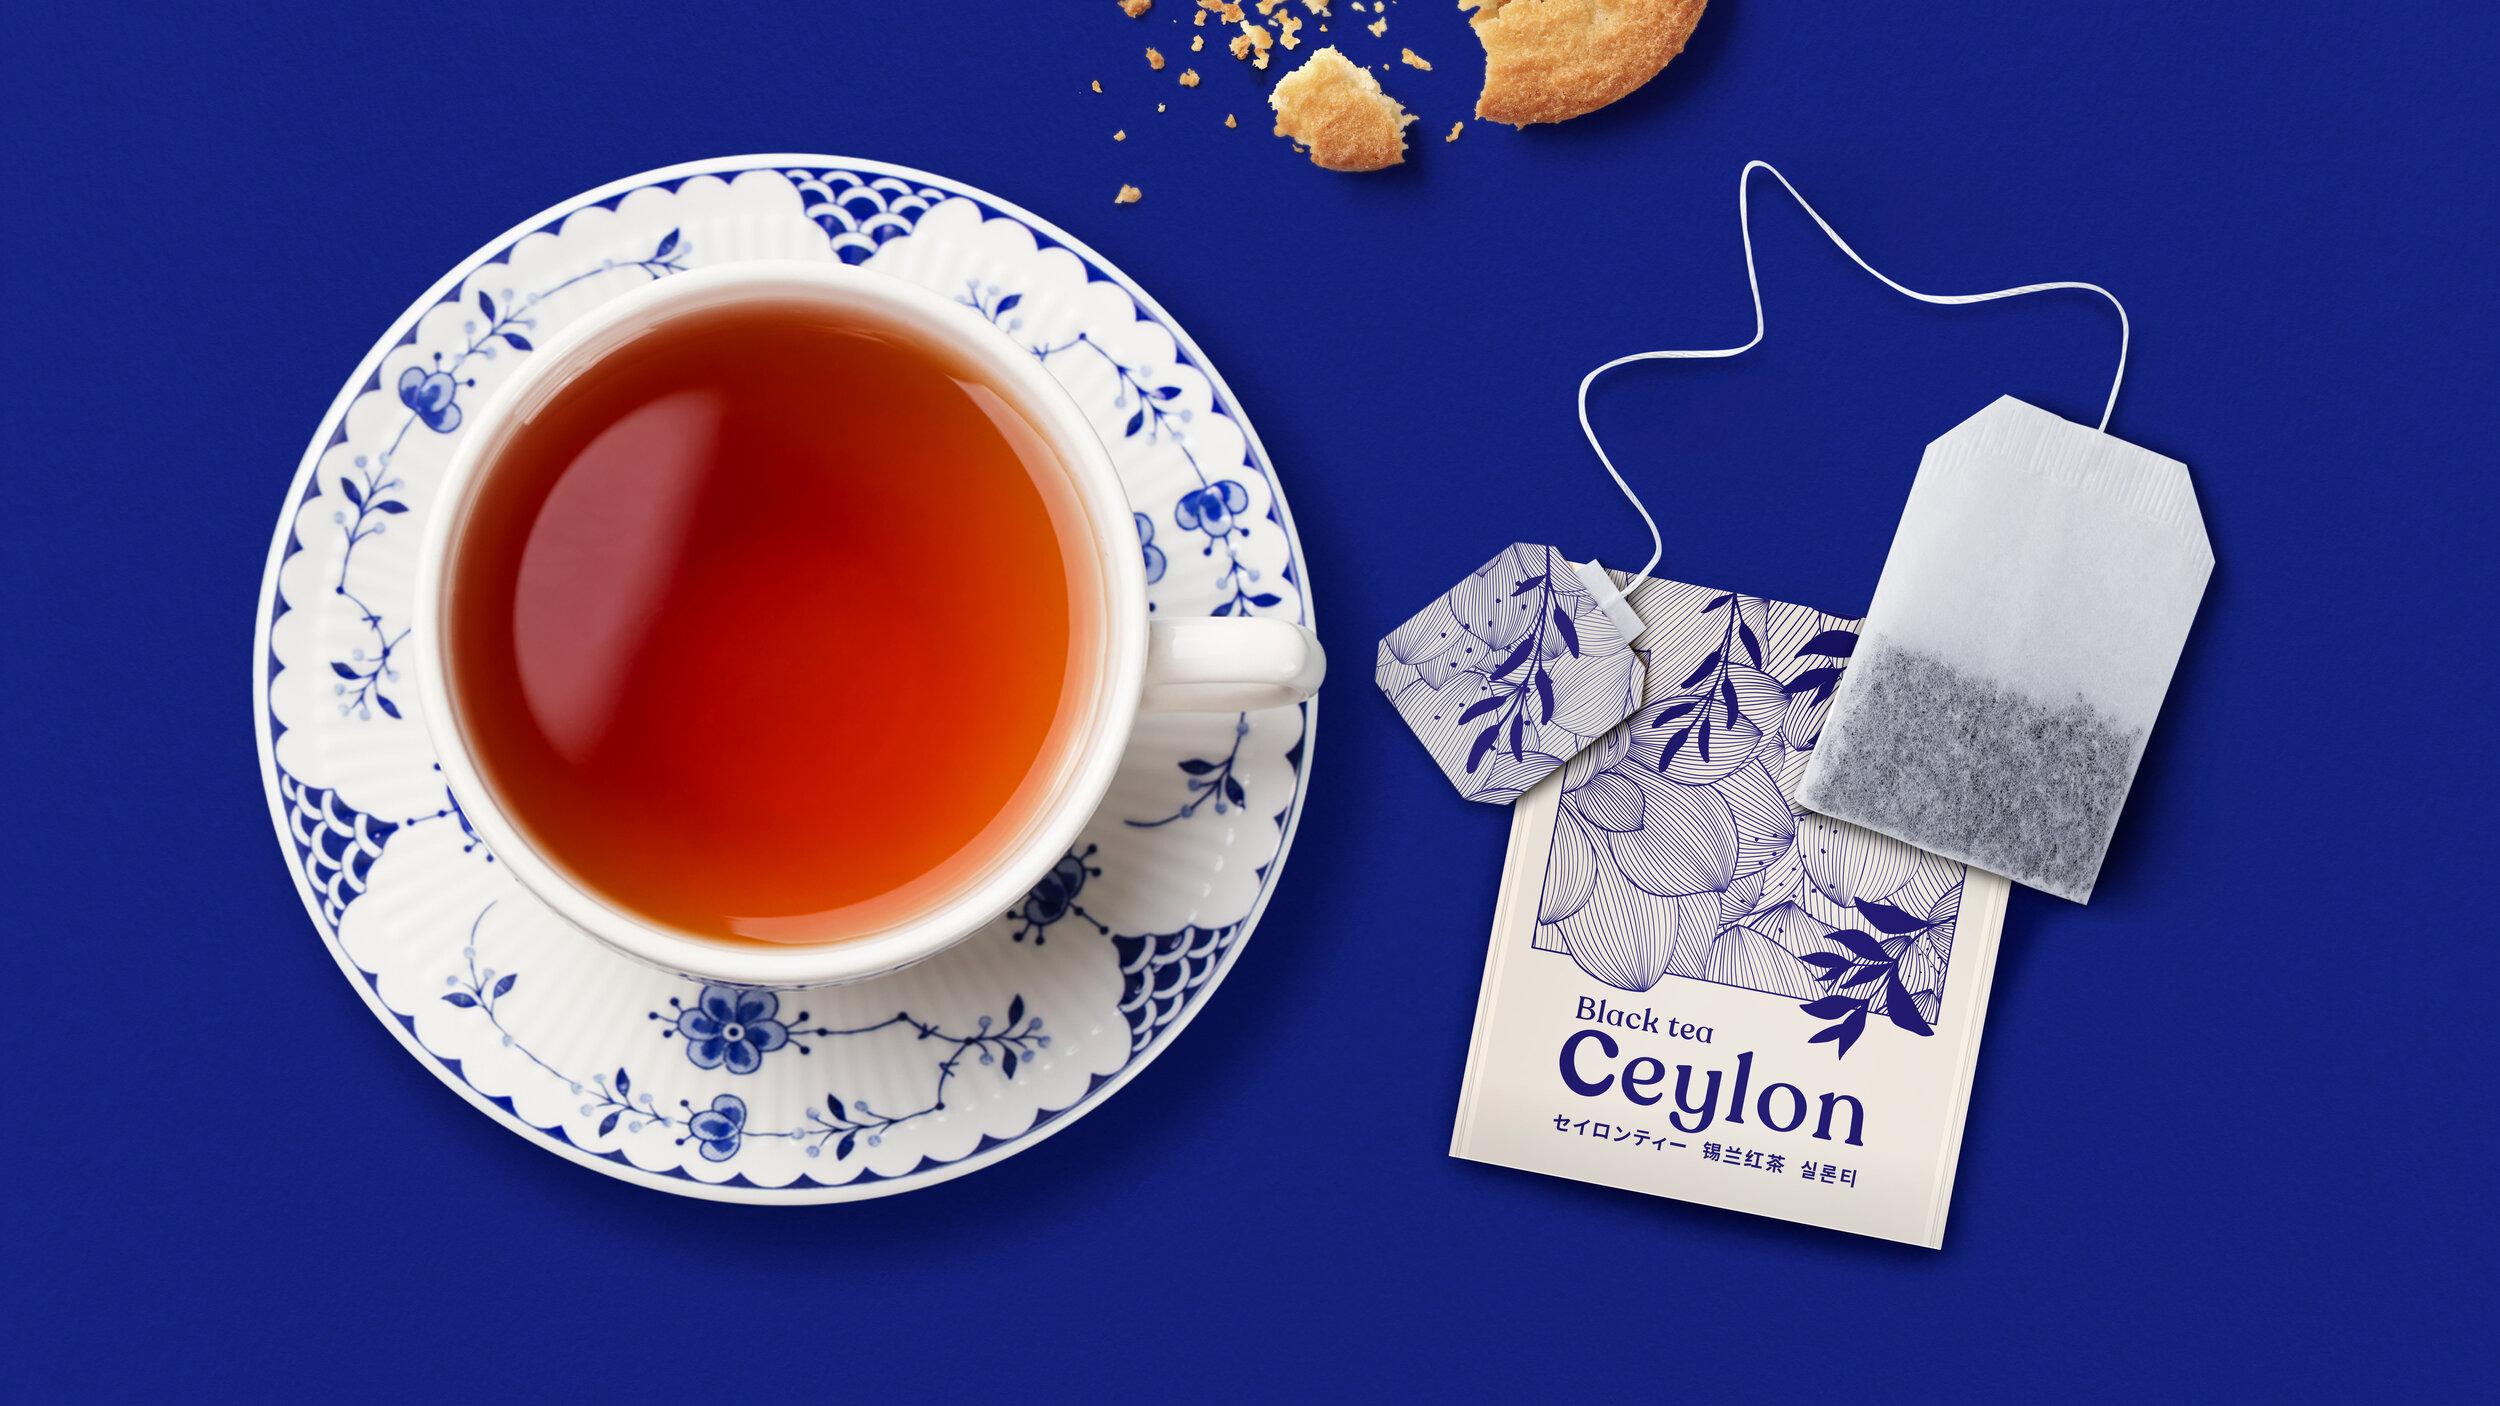 Ceylon Teabag HI (16-9).jpg